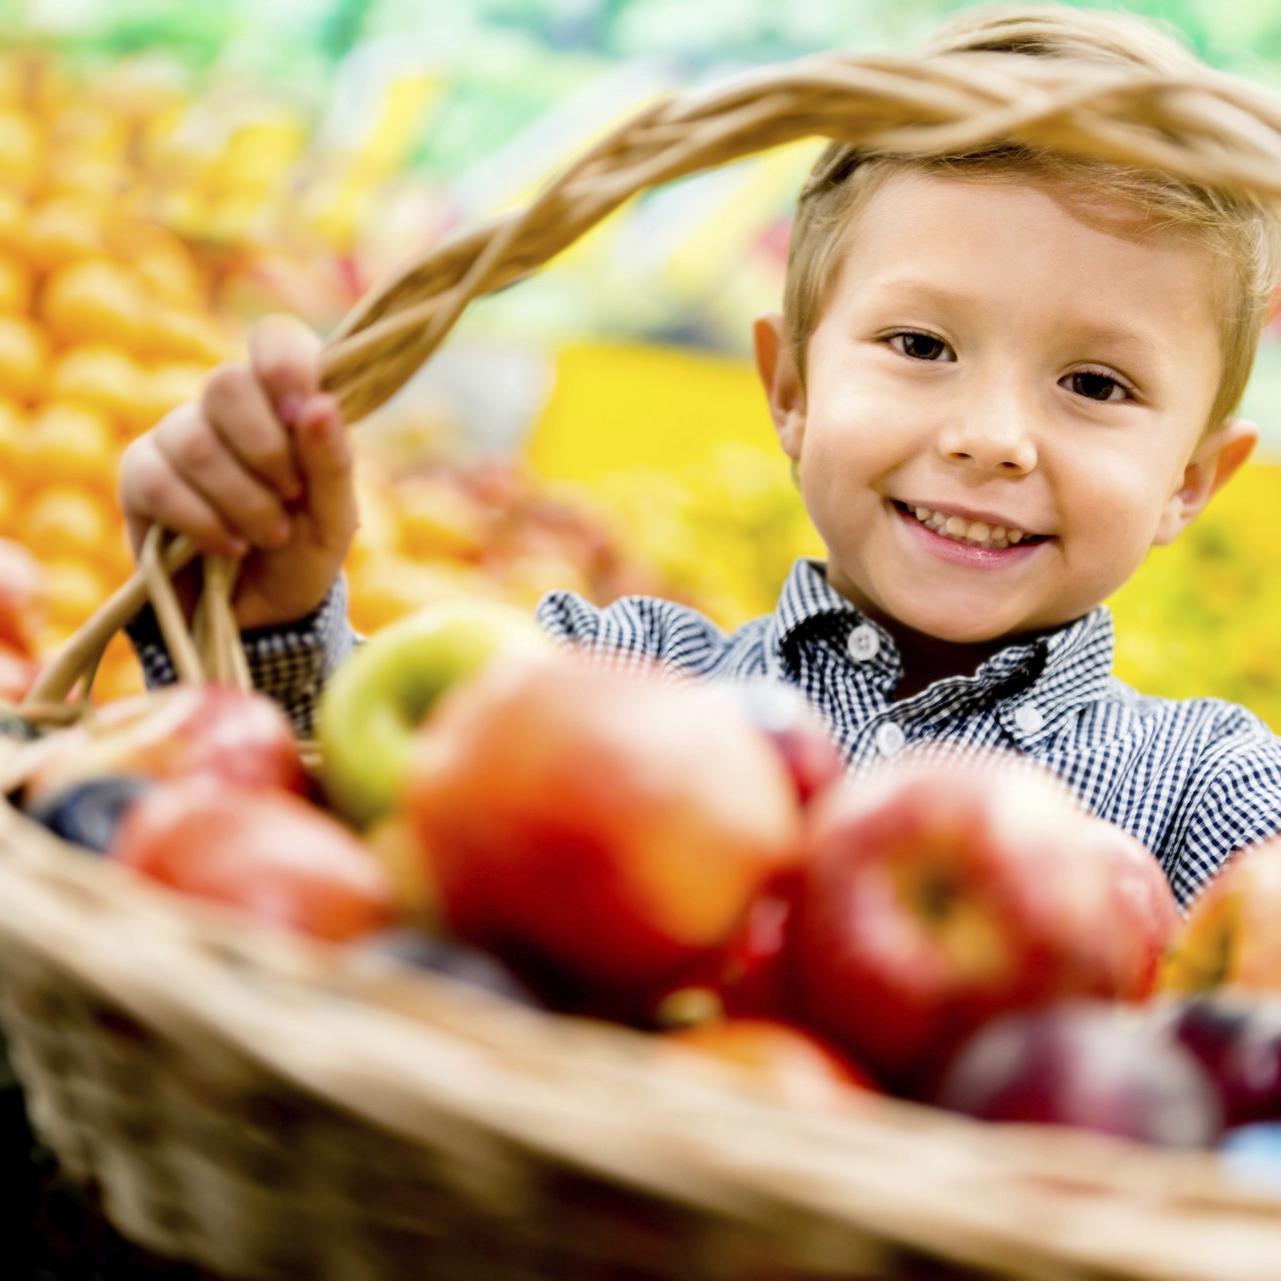 Manger des fruits de saison